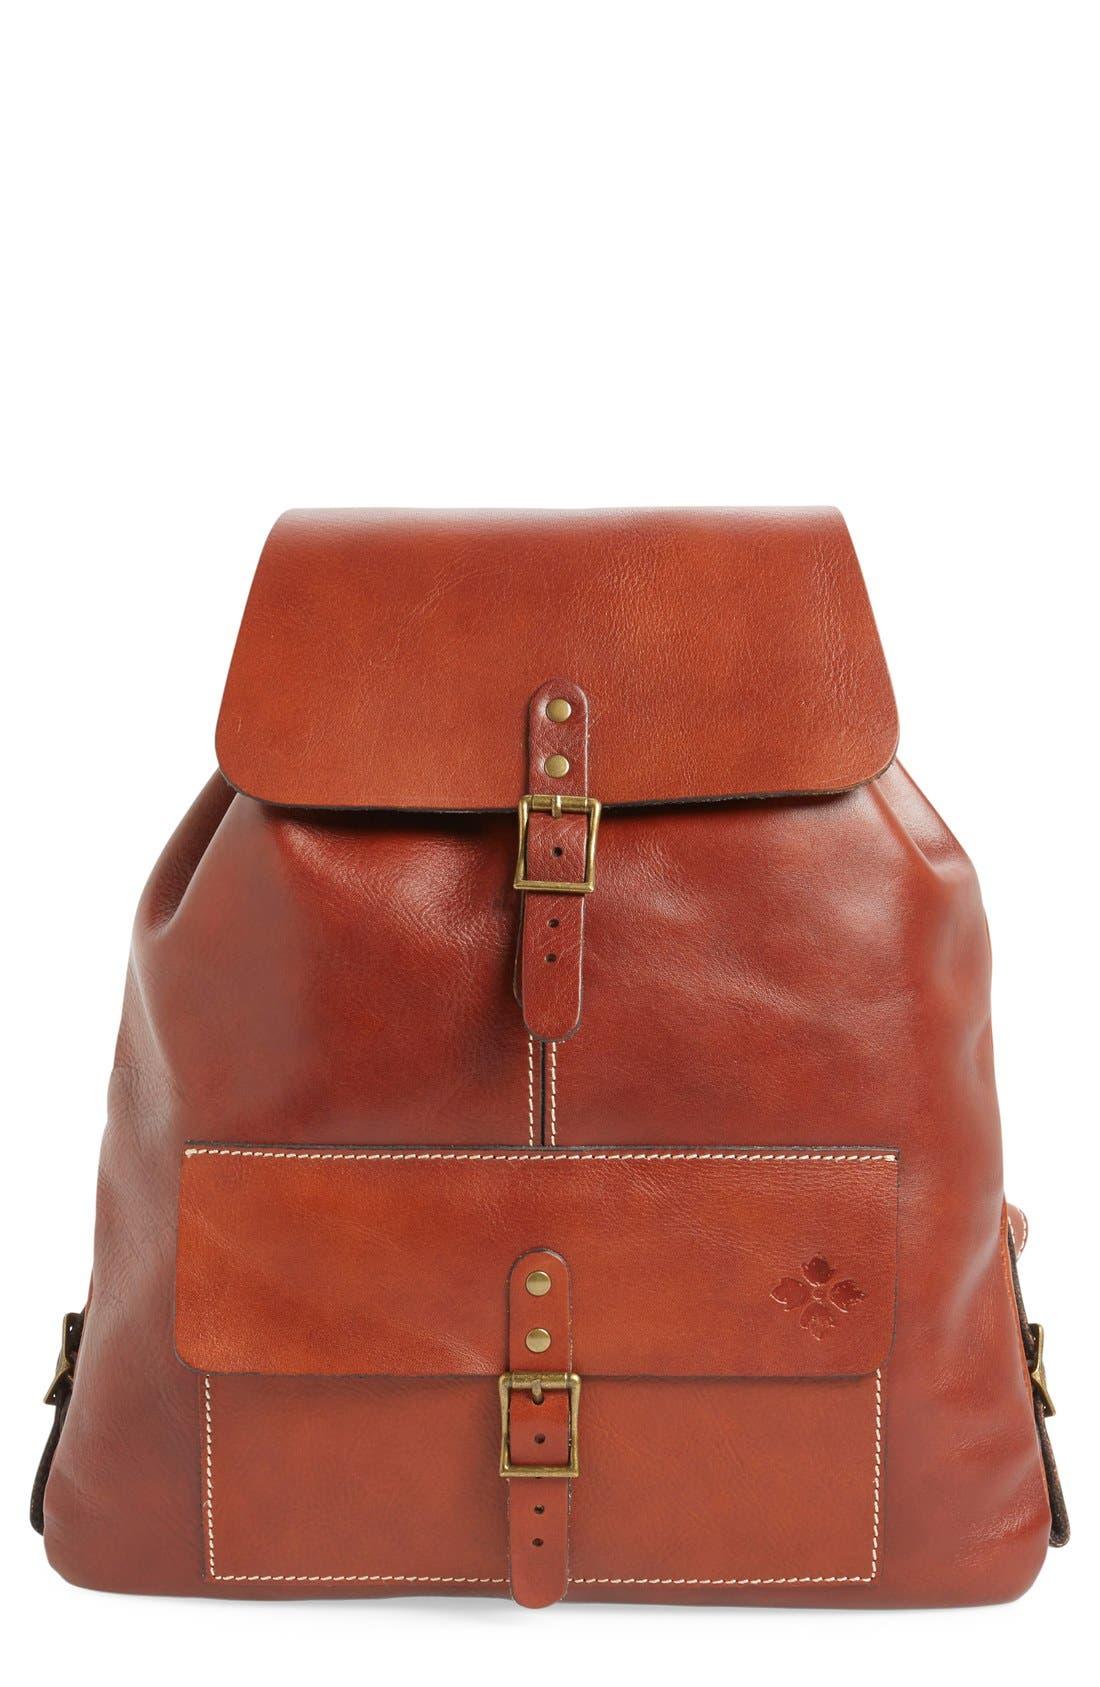 Main Image - Patricia Nash 'Atrani' Drawstring Backpack